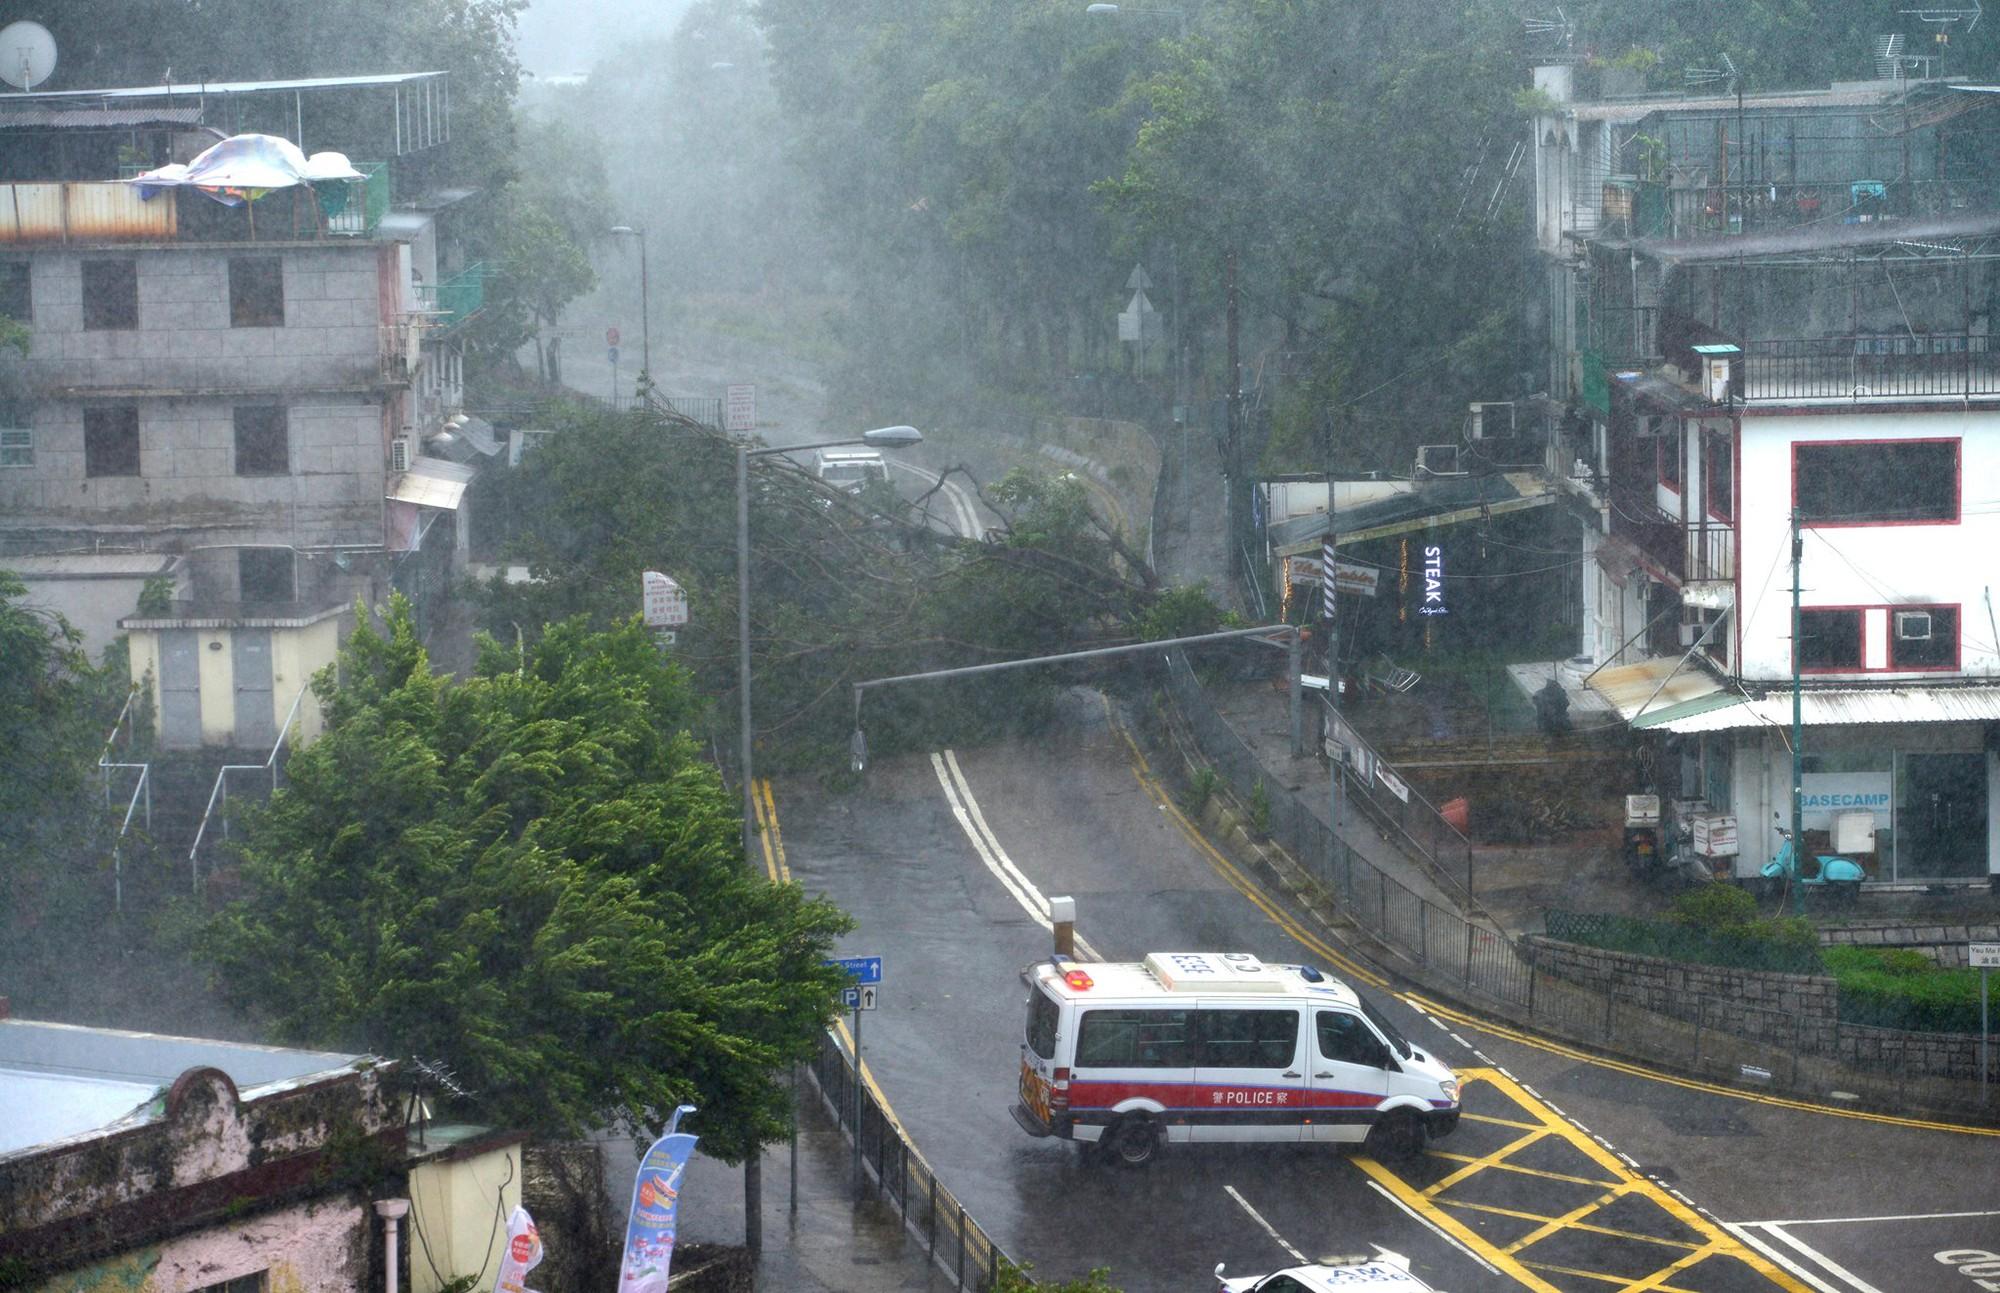 Nóng: Bão Mangkhut đã đổ bộ Hong Kong với từng cột sóng cao đến 14m 1